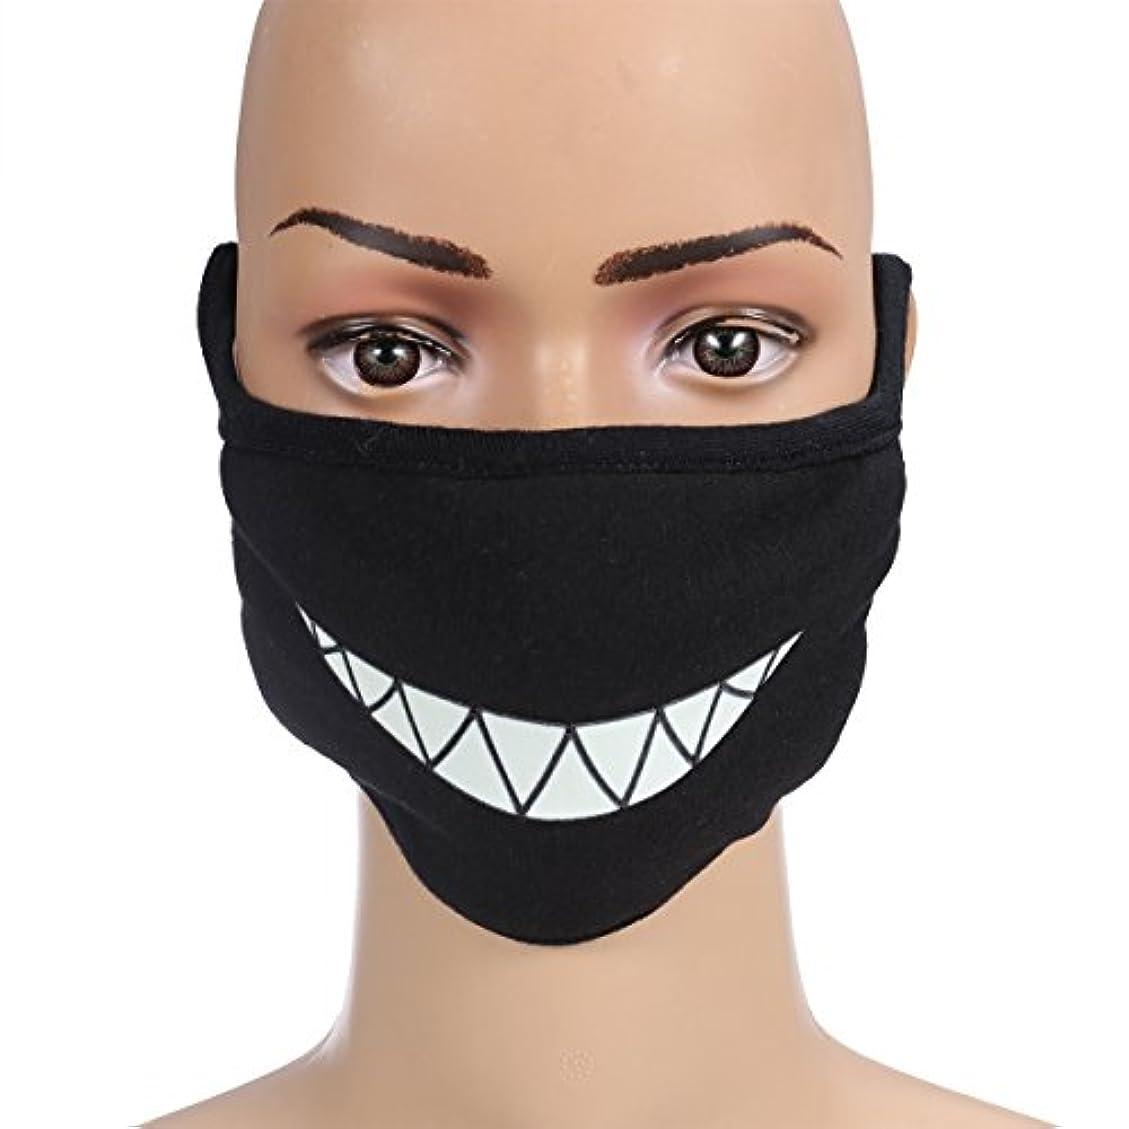 不利証明するの慈悲でToyvian ハロウィンコスプレ用防塵口マスク綿の歯発光口マスク